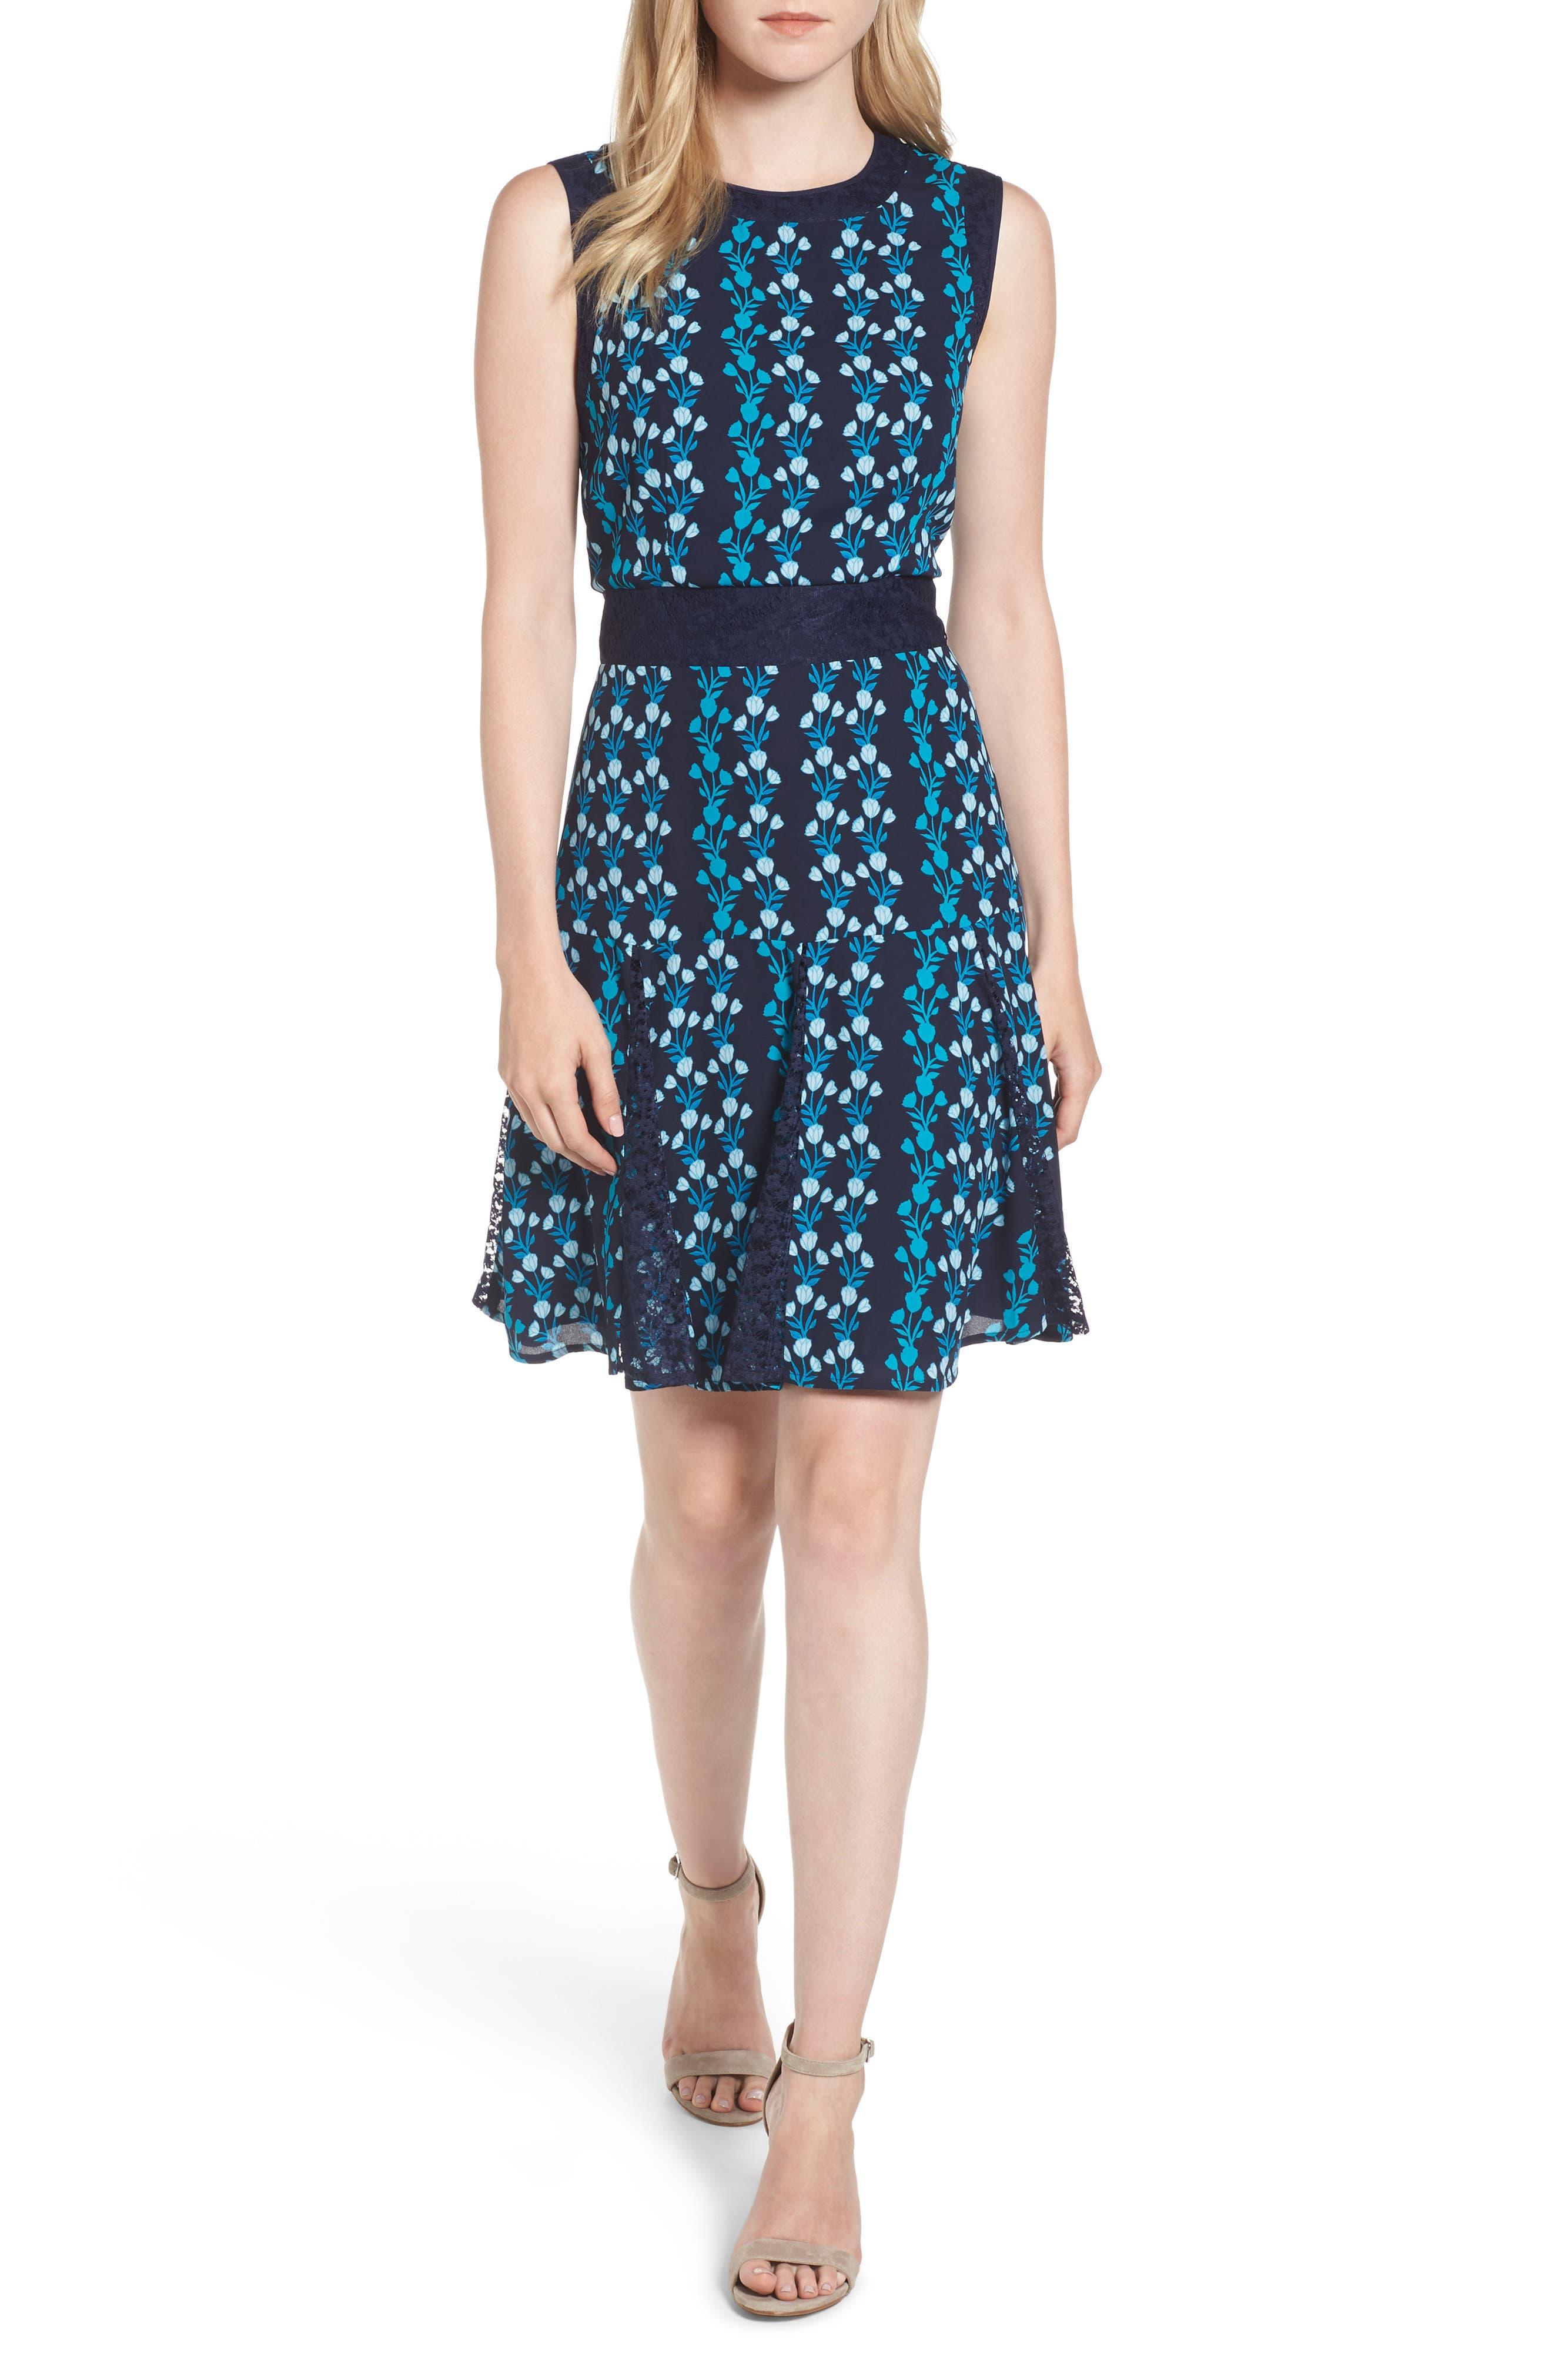 Main Image - Draper James Meadow Vines Lace Dress